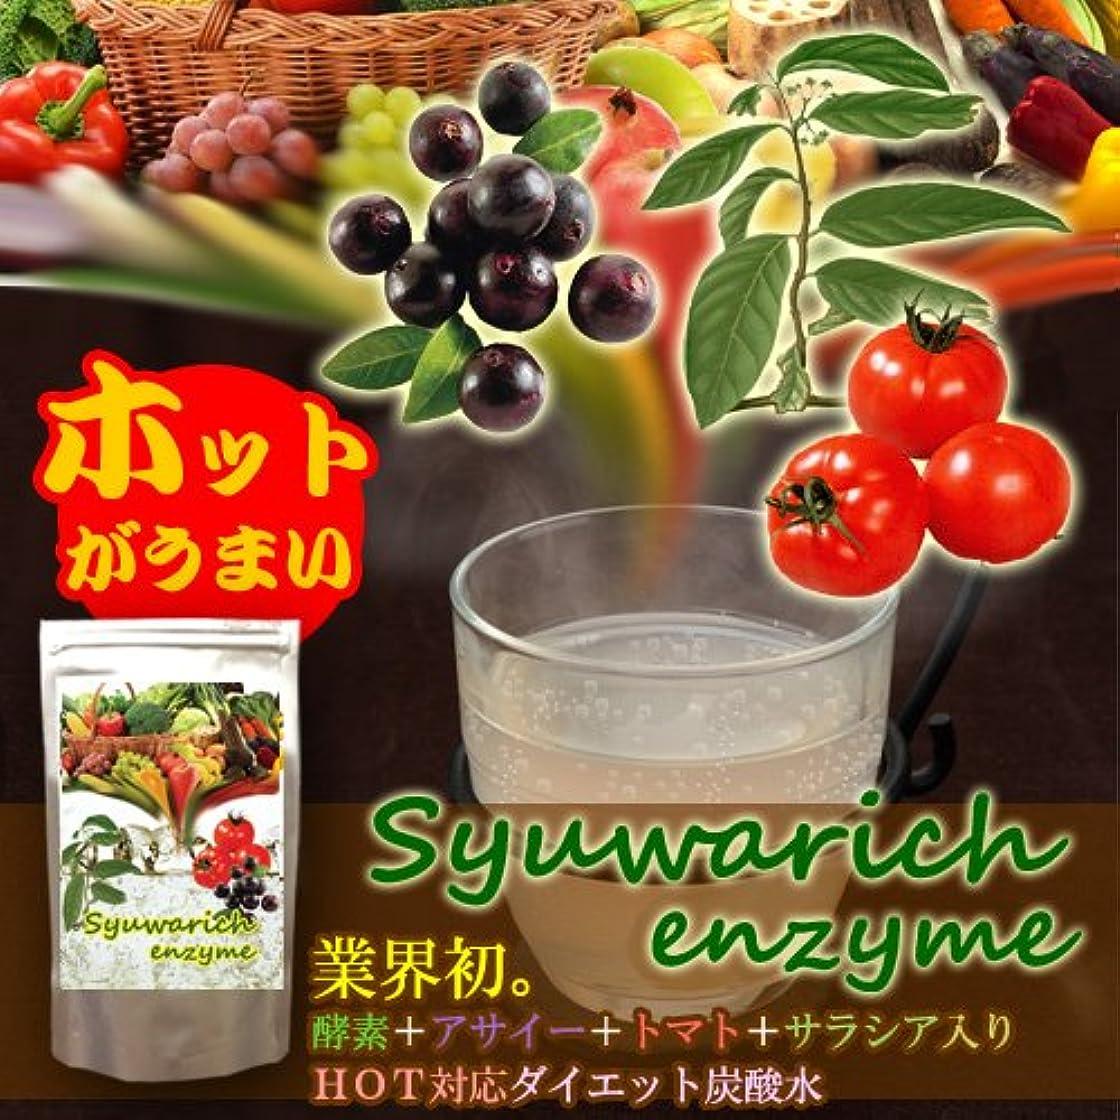 発見はさみライナーシュワリッチ エンザイム 2個セット(酵素+アサイー+トマト+サラシア+フォルスコリ配合 ホット対応ダイエット炭酸水)